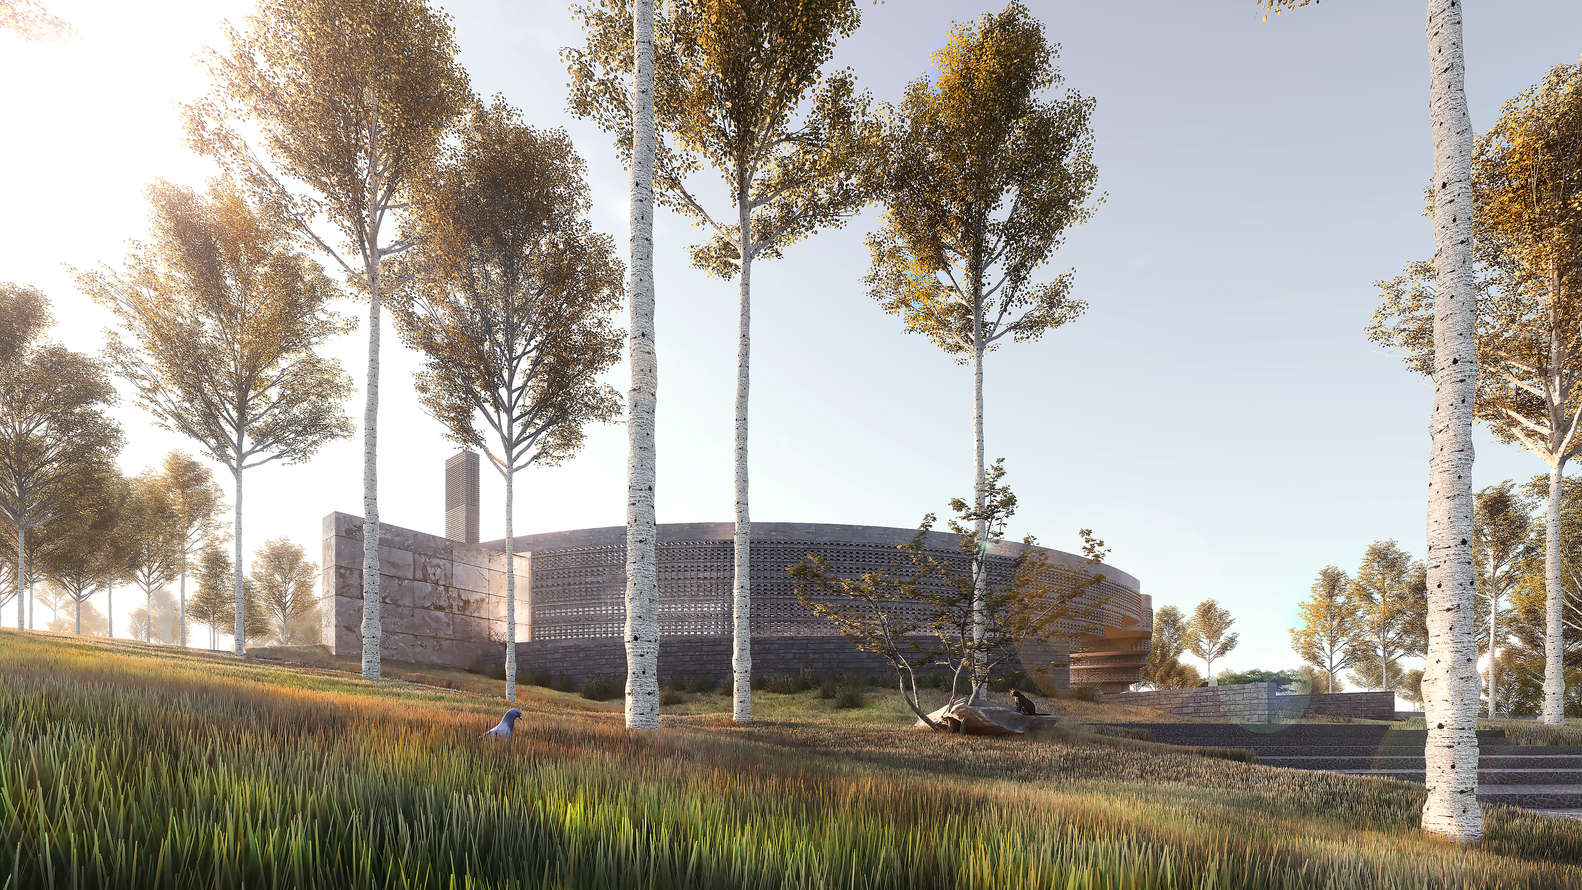 BeOffice Geleneksel Cami Mimarisini Yeniden Yorumladı 10